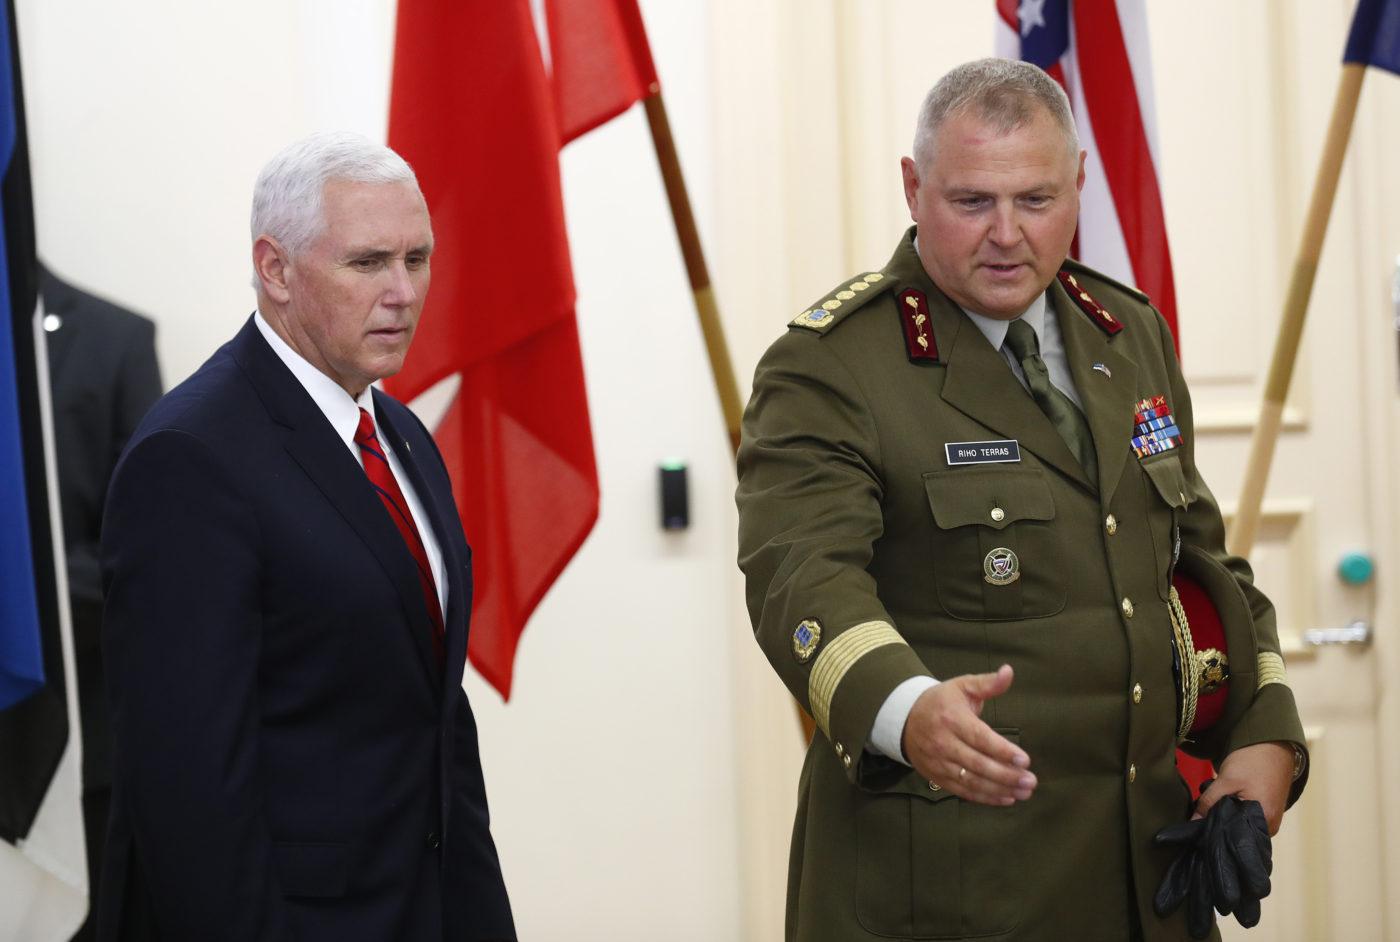 Eesti tähistab NATO-ga liitumise 15. aastapäeva